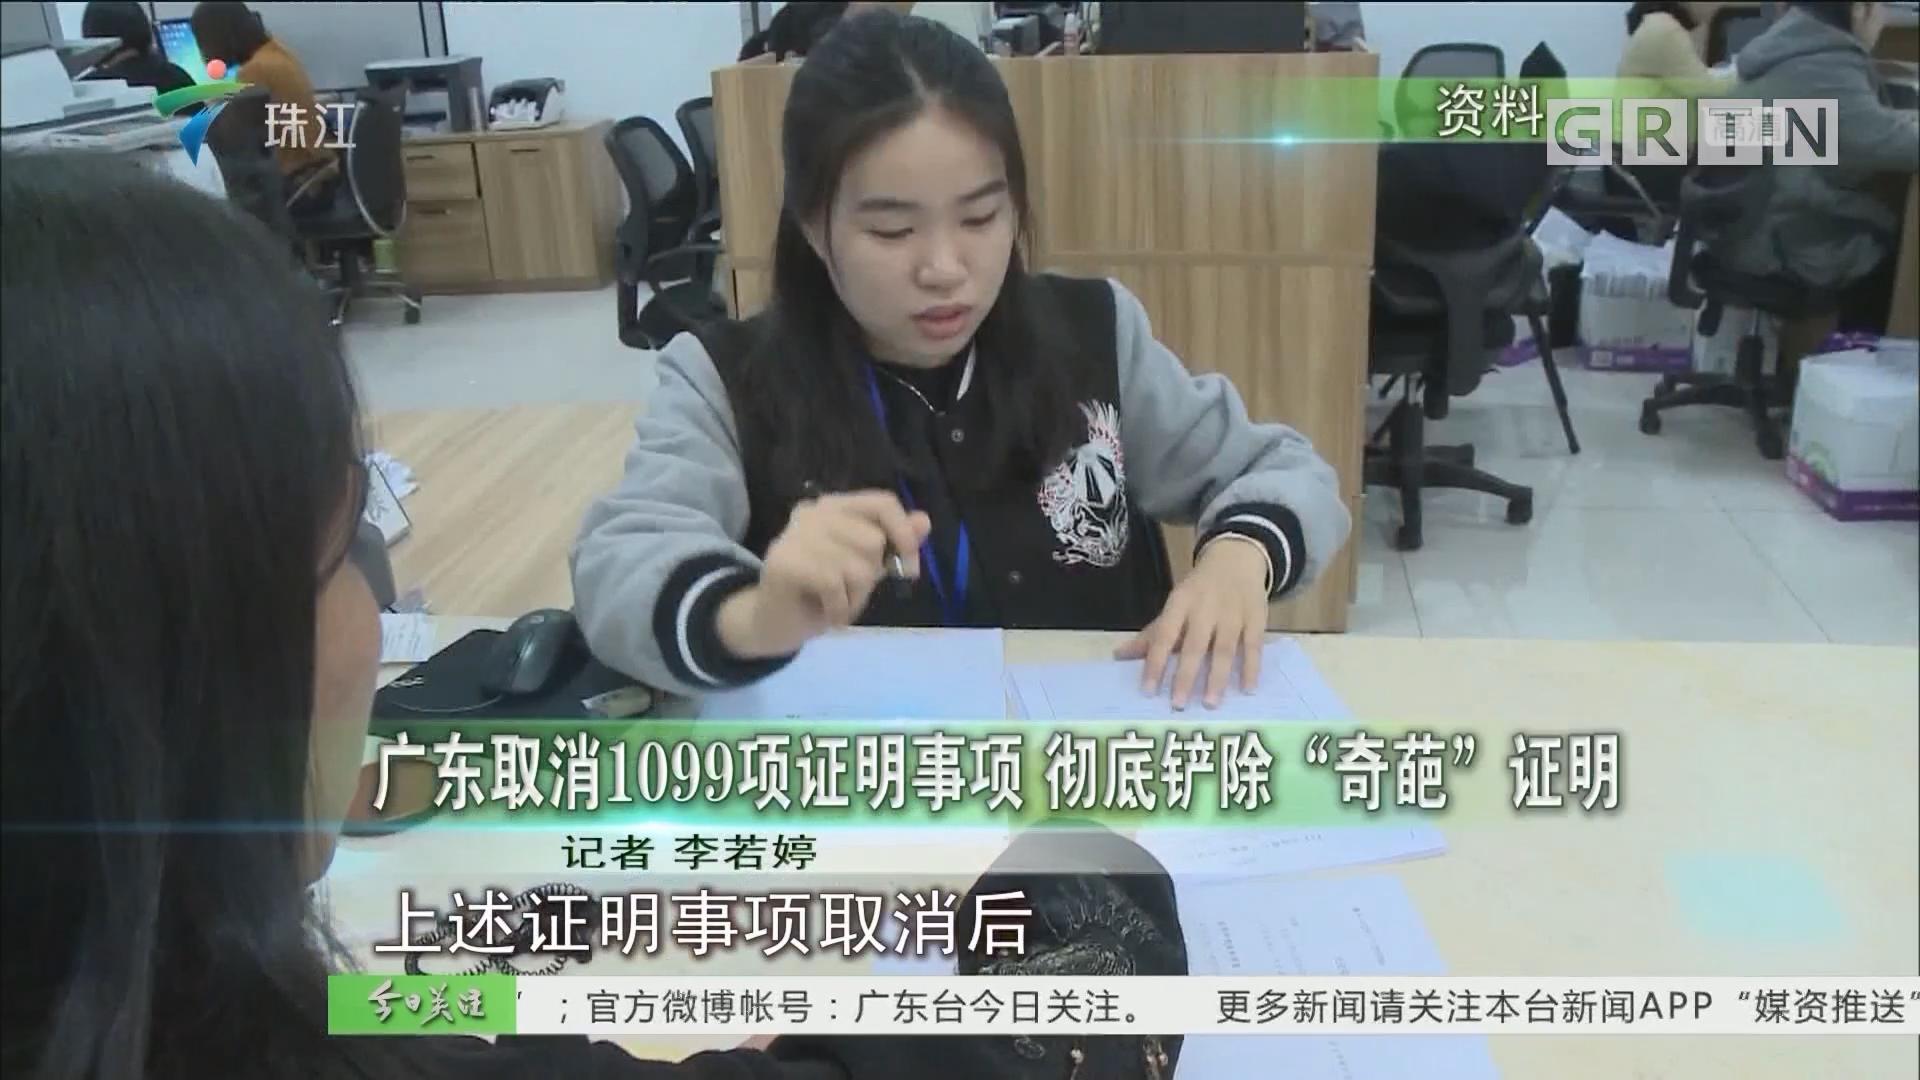 """广东取消1099项证明事项 彻底铲除""""奇葩""""证明"""